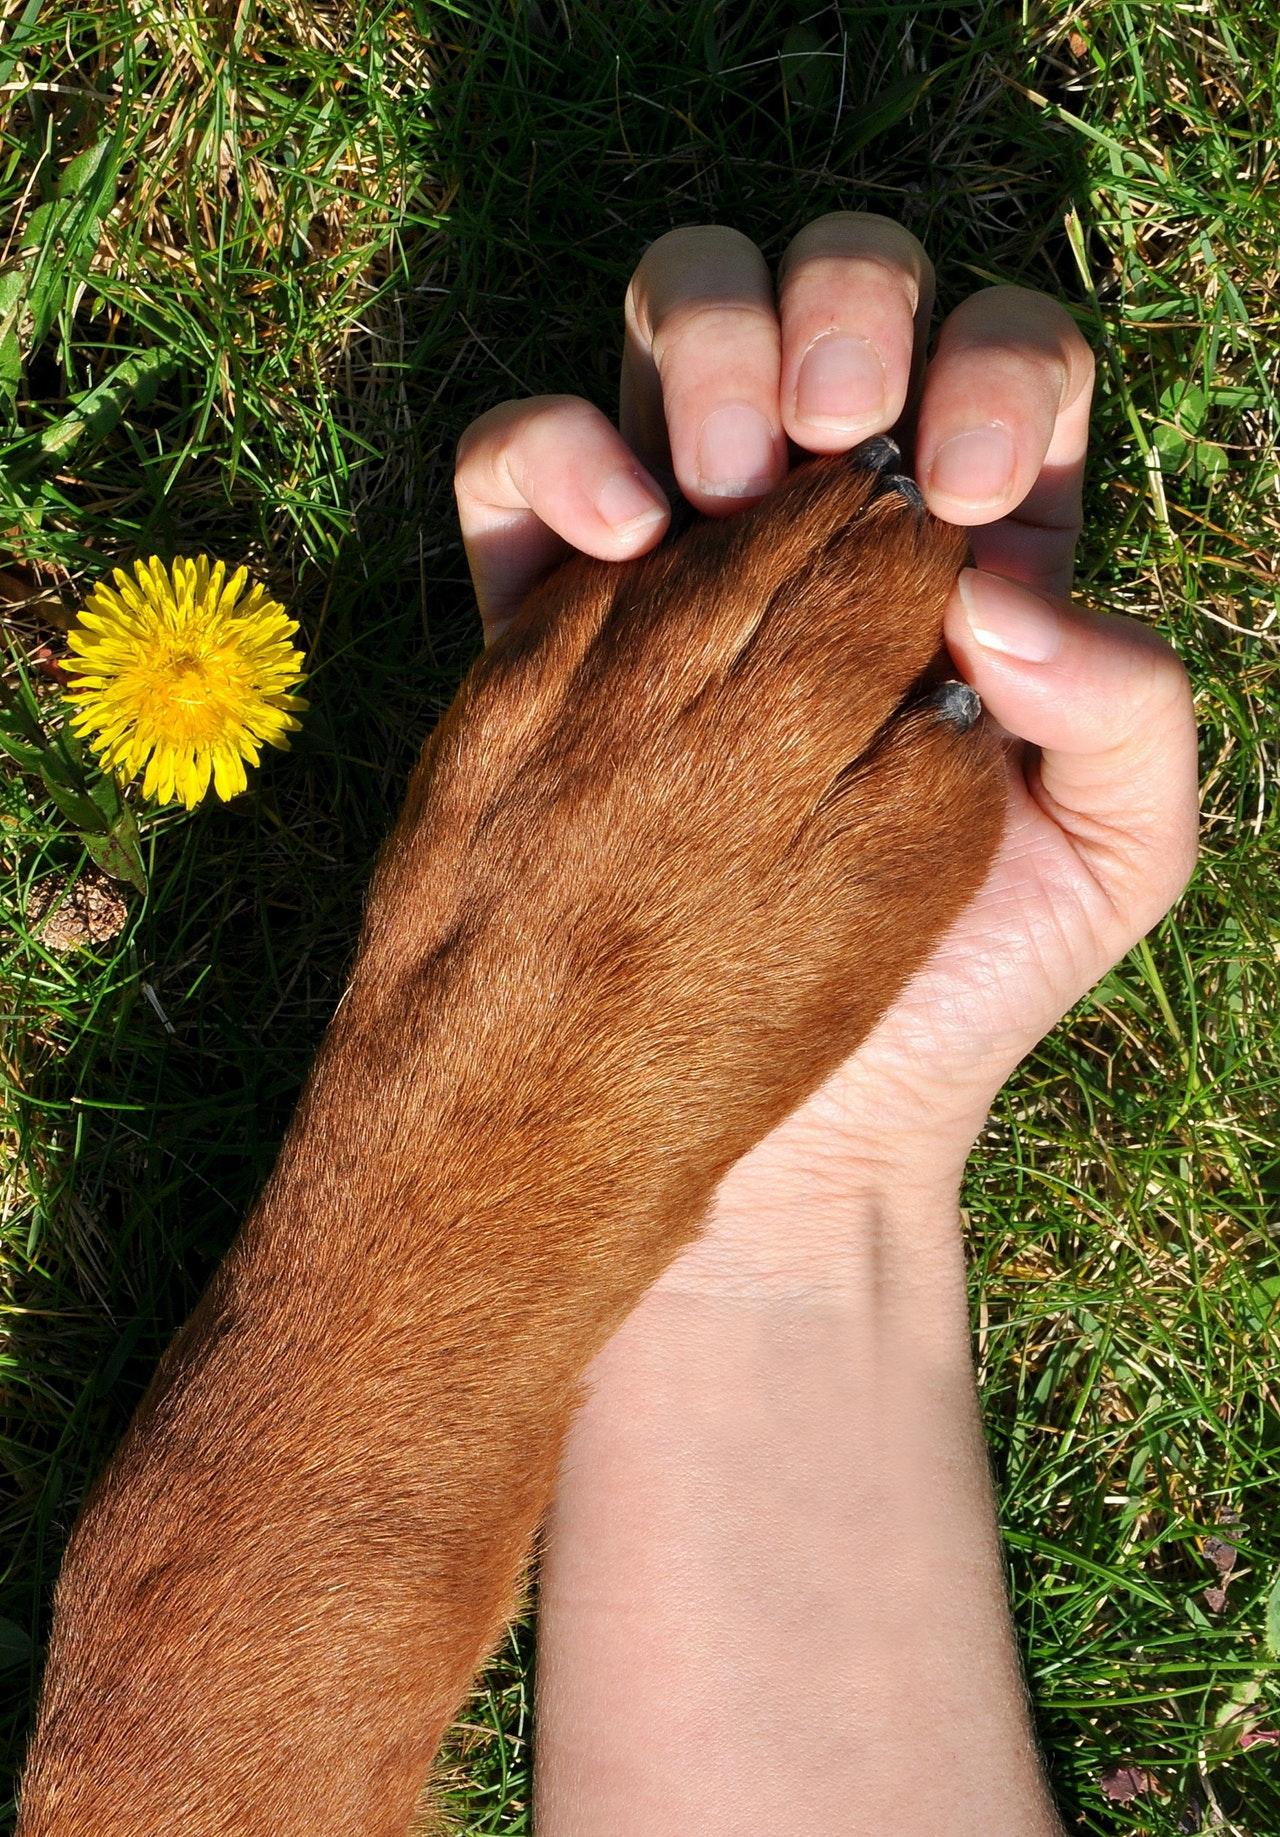 dog-nail-trimming-3